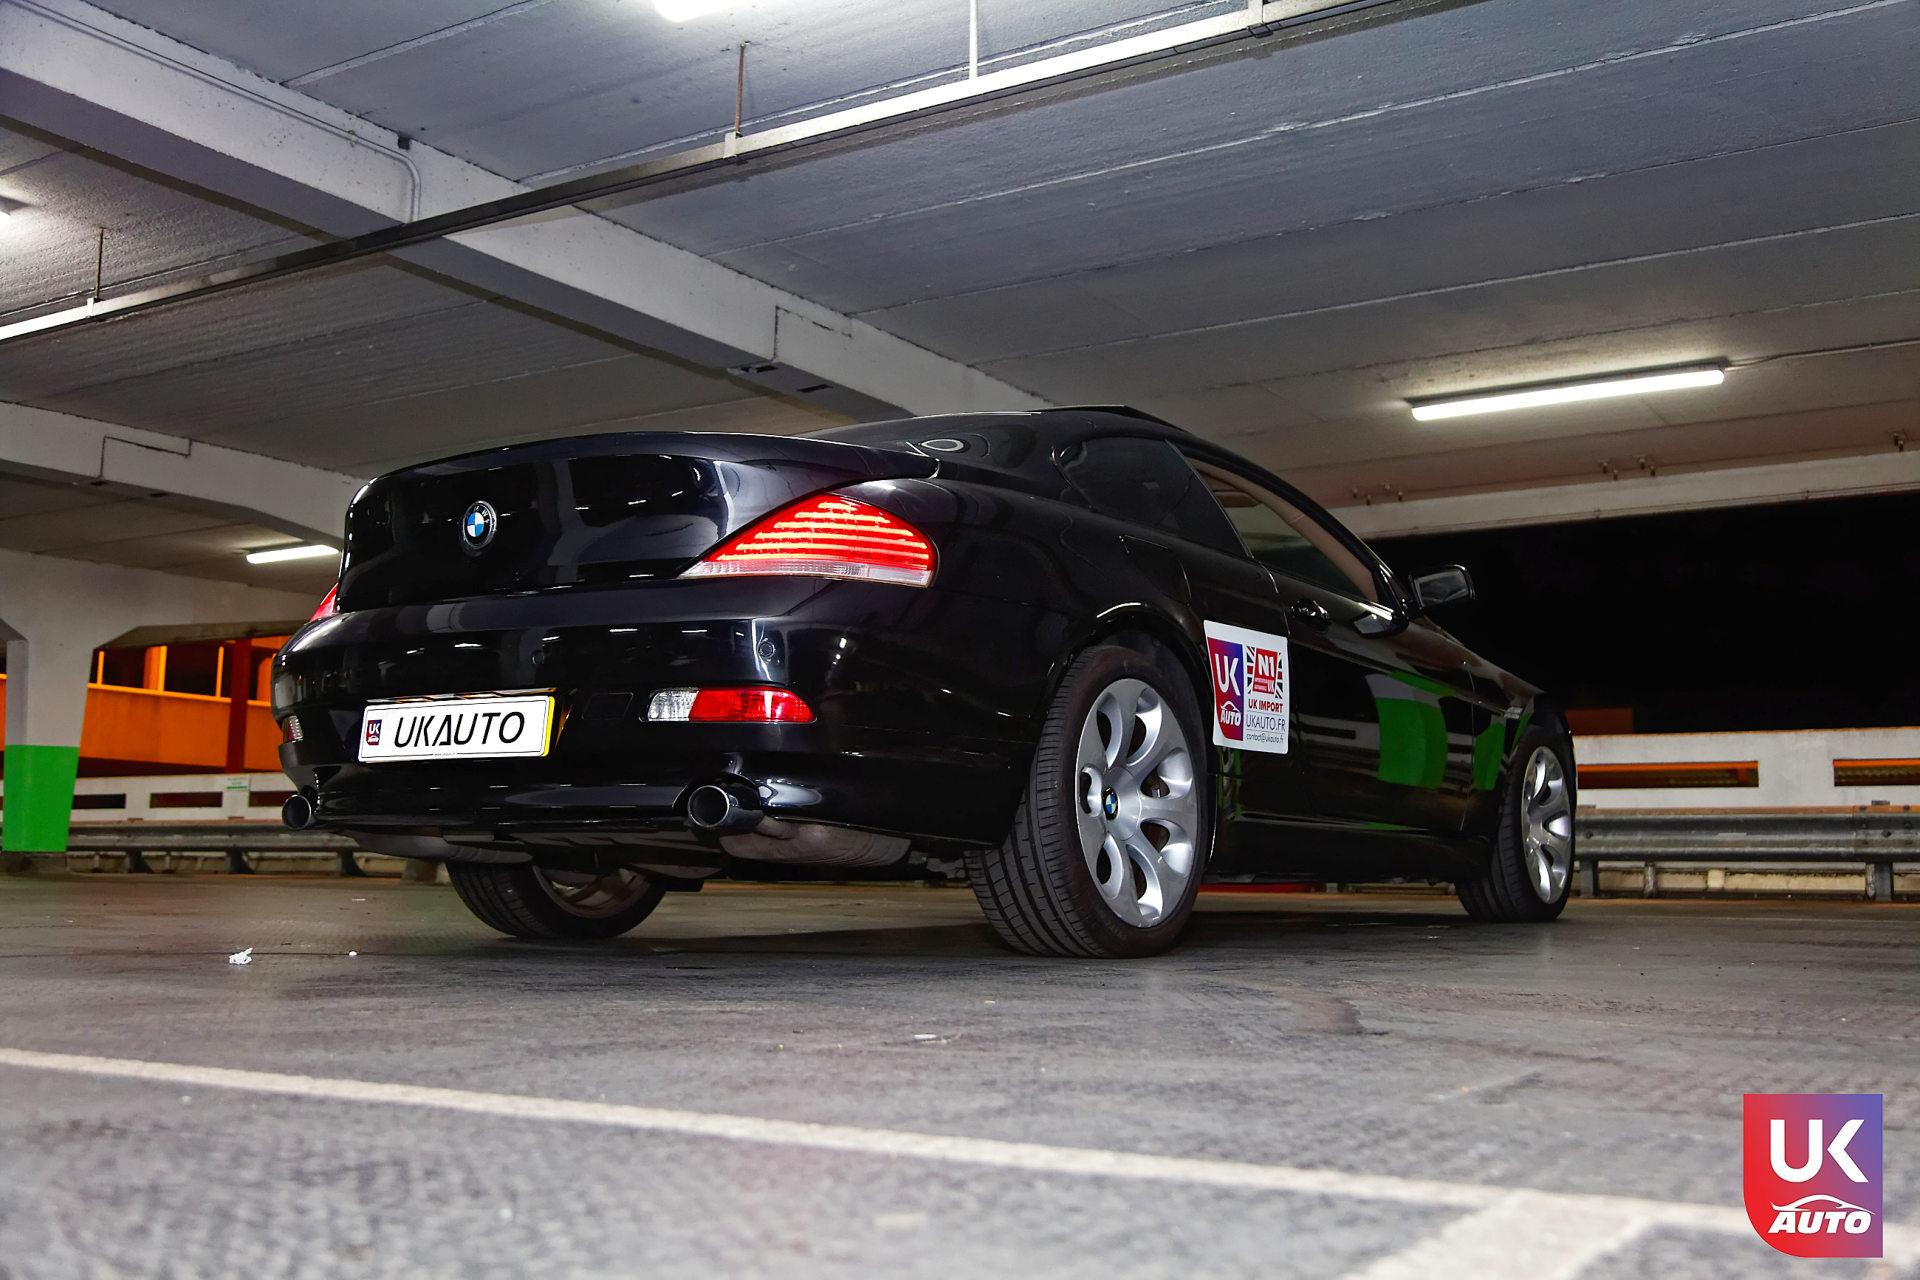 Bmw 645ci v8 import rhd bmw uk import rhd angleterre voiture anglaise bmw 645ci v89 DxO - BMW UK IMPORT BMW 645CI V8 ACHAT A LONDRES BMW IMPORT RHD FELICITATION A DAVID